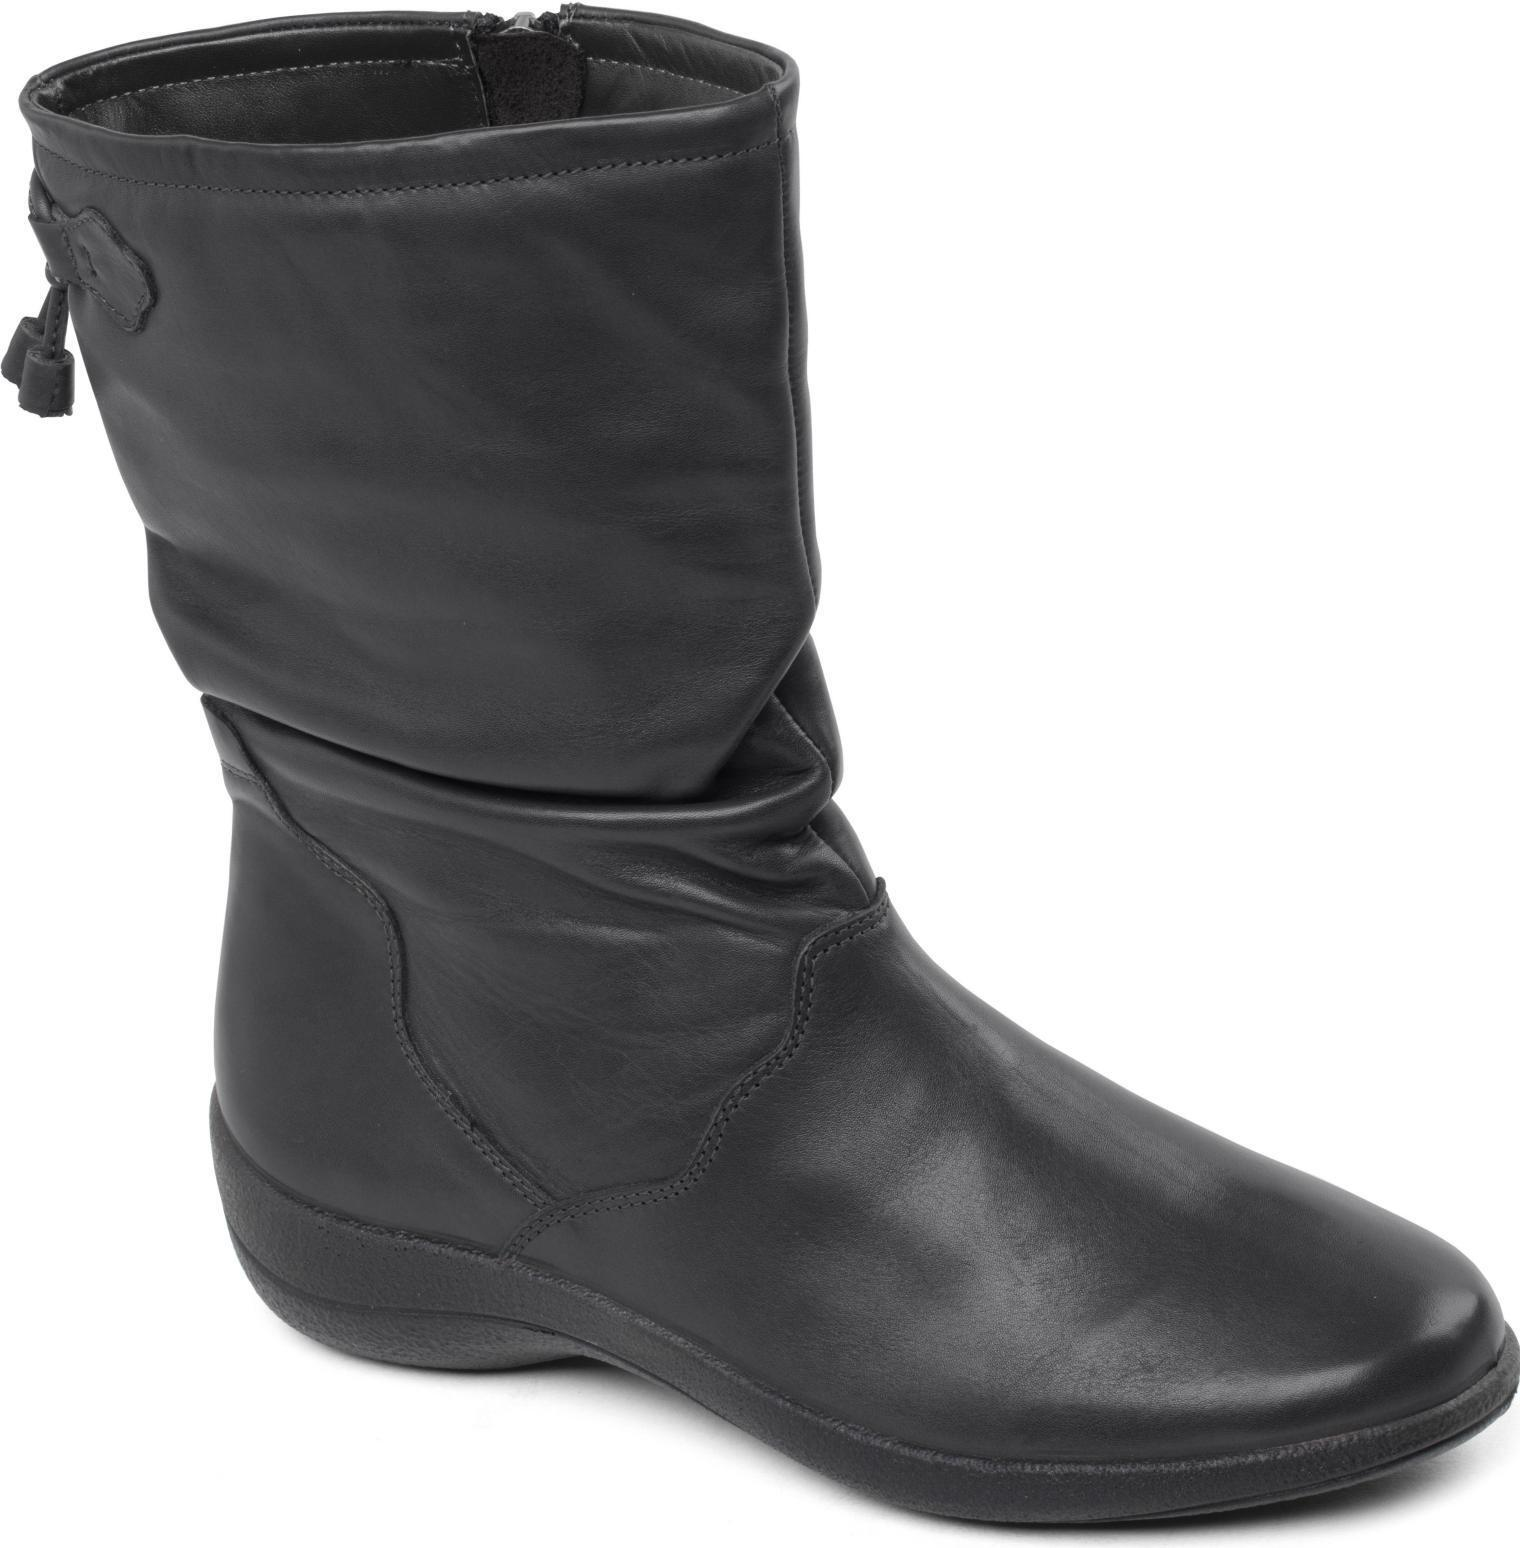 Padders Regan para Señoras mujeres botas de Cuero Genuino Ancho Ajuste E Cremallera Pantorrilla botas mujeres Negro b1ea2c